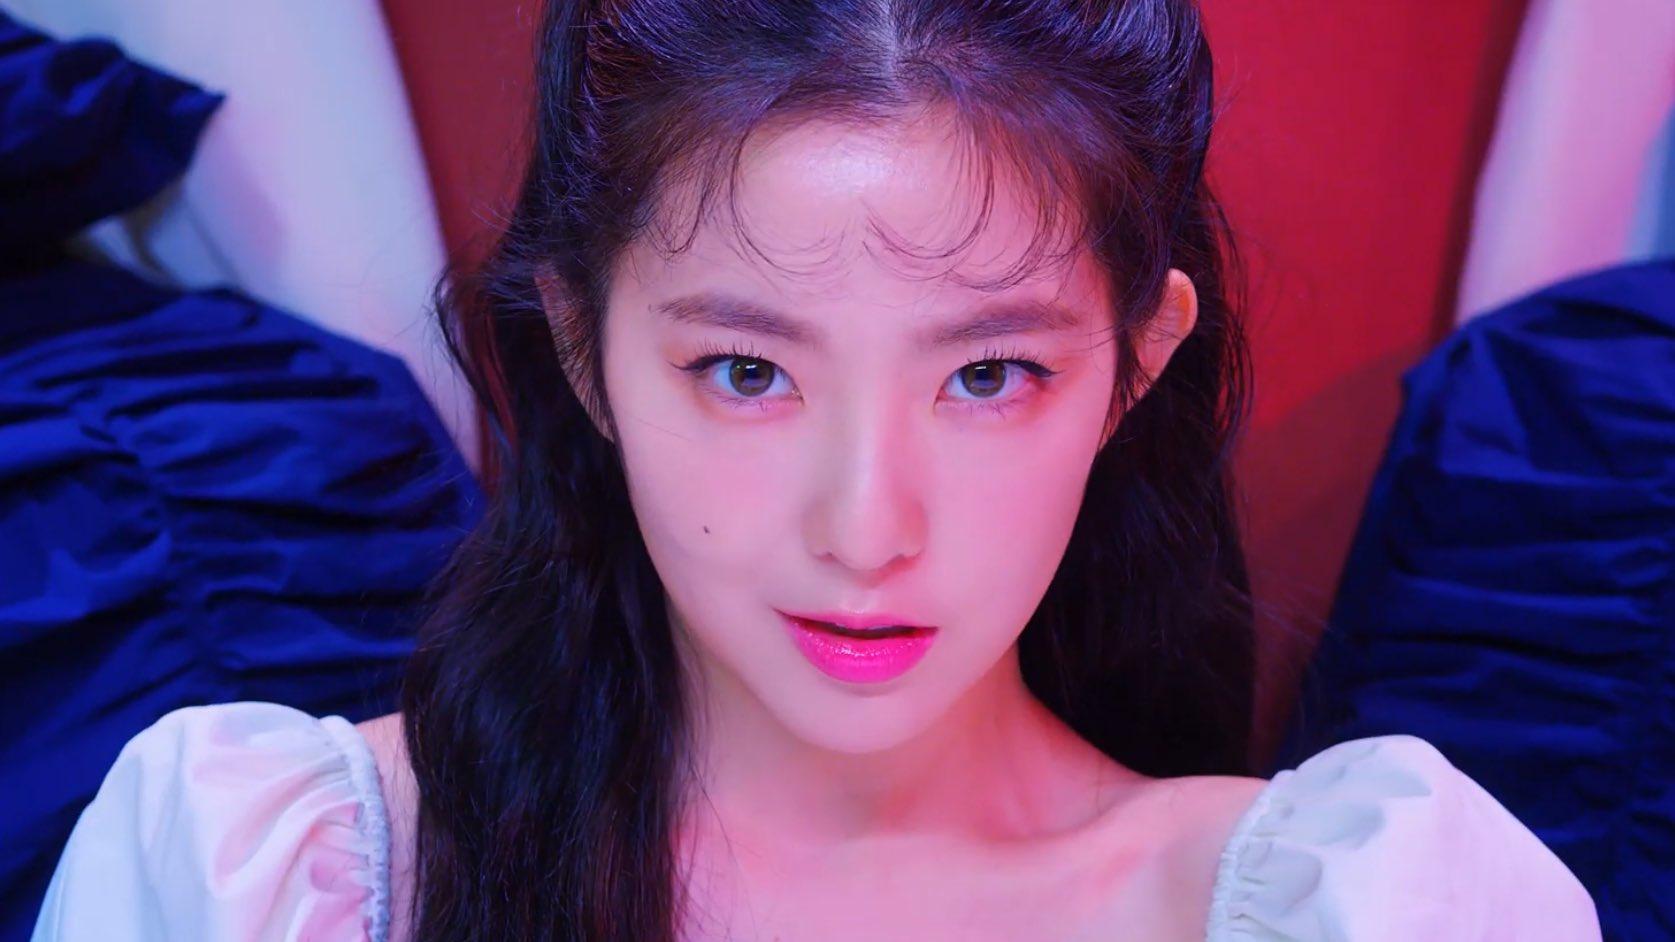 Không nhận ra Irene trong MV mới: Sắc sảo và sexy tột bậc, khác hẳn style ngọt ngào mọi khi - Ảnh 3.